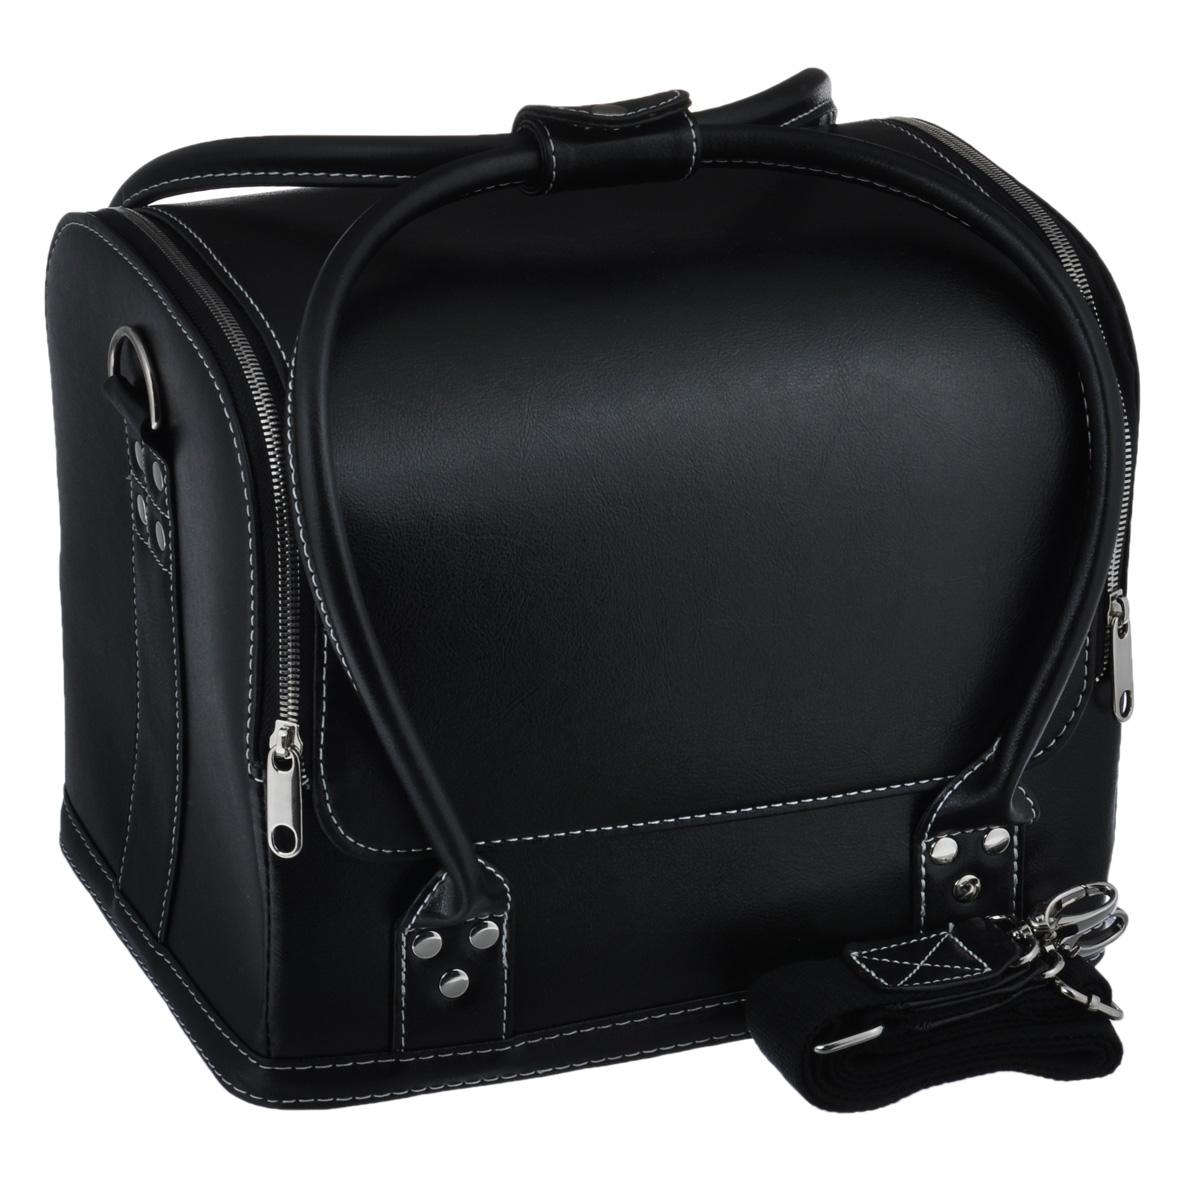 Сумка для швейных принадлежностей Prym, цвет: черный, 31 х 23 х 25 см74-0060Сумка Prym выполнена из искусственной кожи. Сумка Prym предназначена для хранения швейных принадлежностей. Сумка имеет большое отделение, в котором имеются выдвижные отделения для швейных принадлежностей. Закрывается сумка на молнию. Также сумка имеет ручки для удобной носки в руках и ручку через плечо. Сумка не оставит равнодушной ни одну любительницу изысканных вещей.Сочетание оригинального дизайна и функциональности сделают такую сумку практичным и стильным предметом гордости ее обладательницы. Размер сумки: 31 см х 23 см х 25 см.